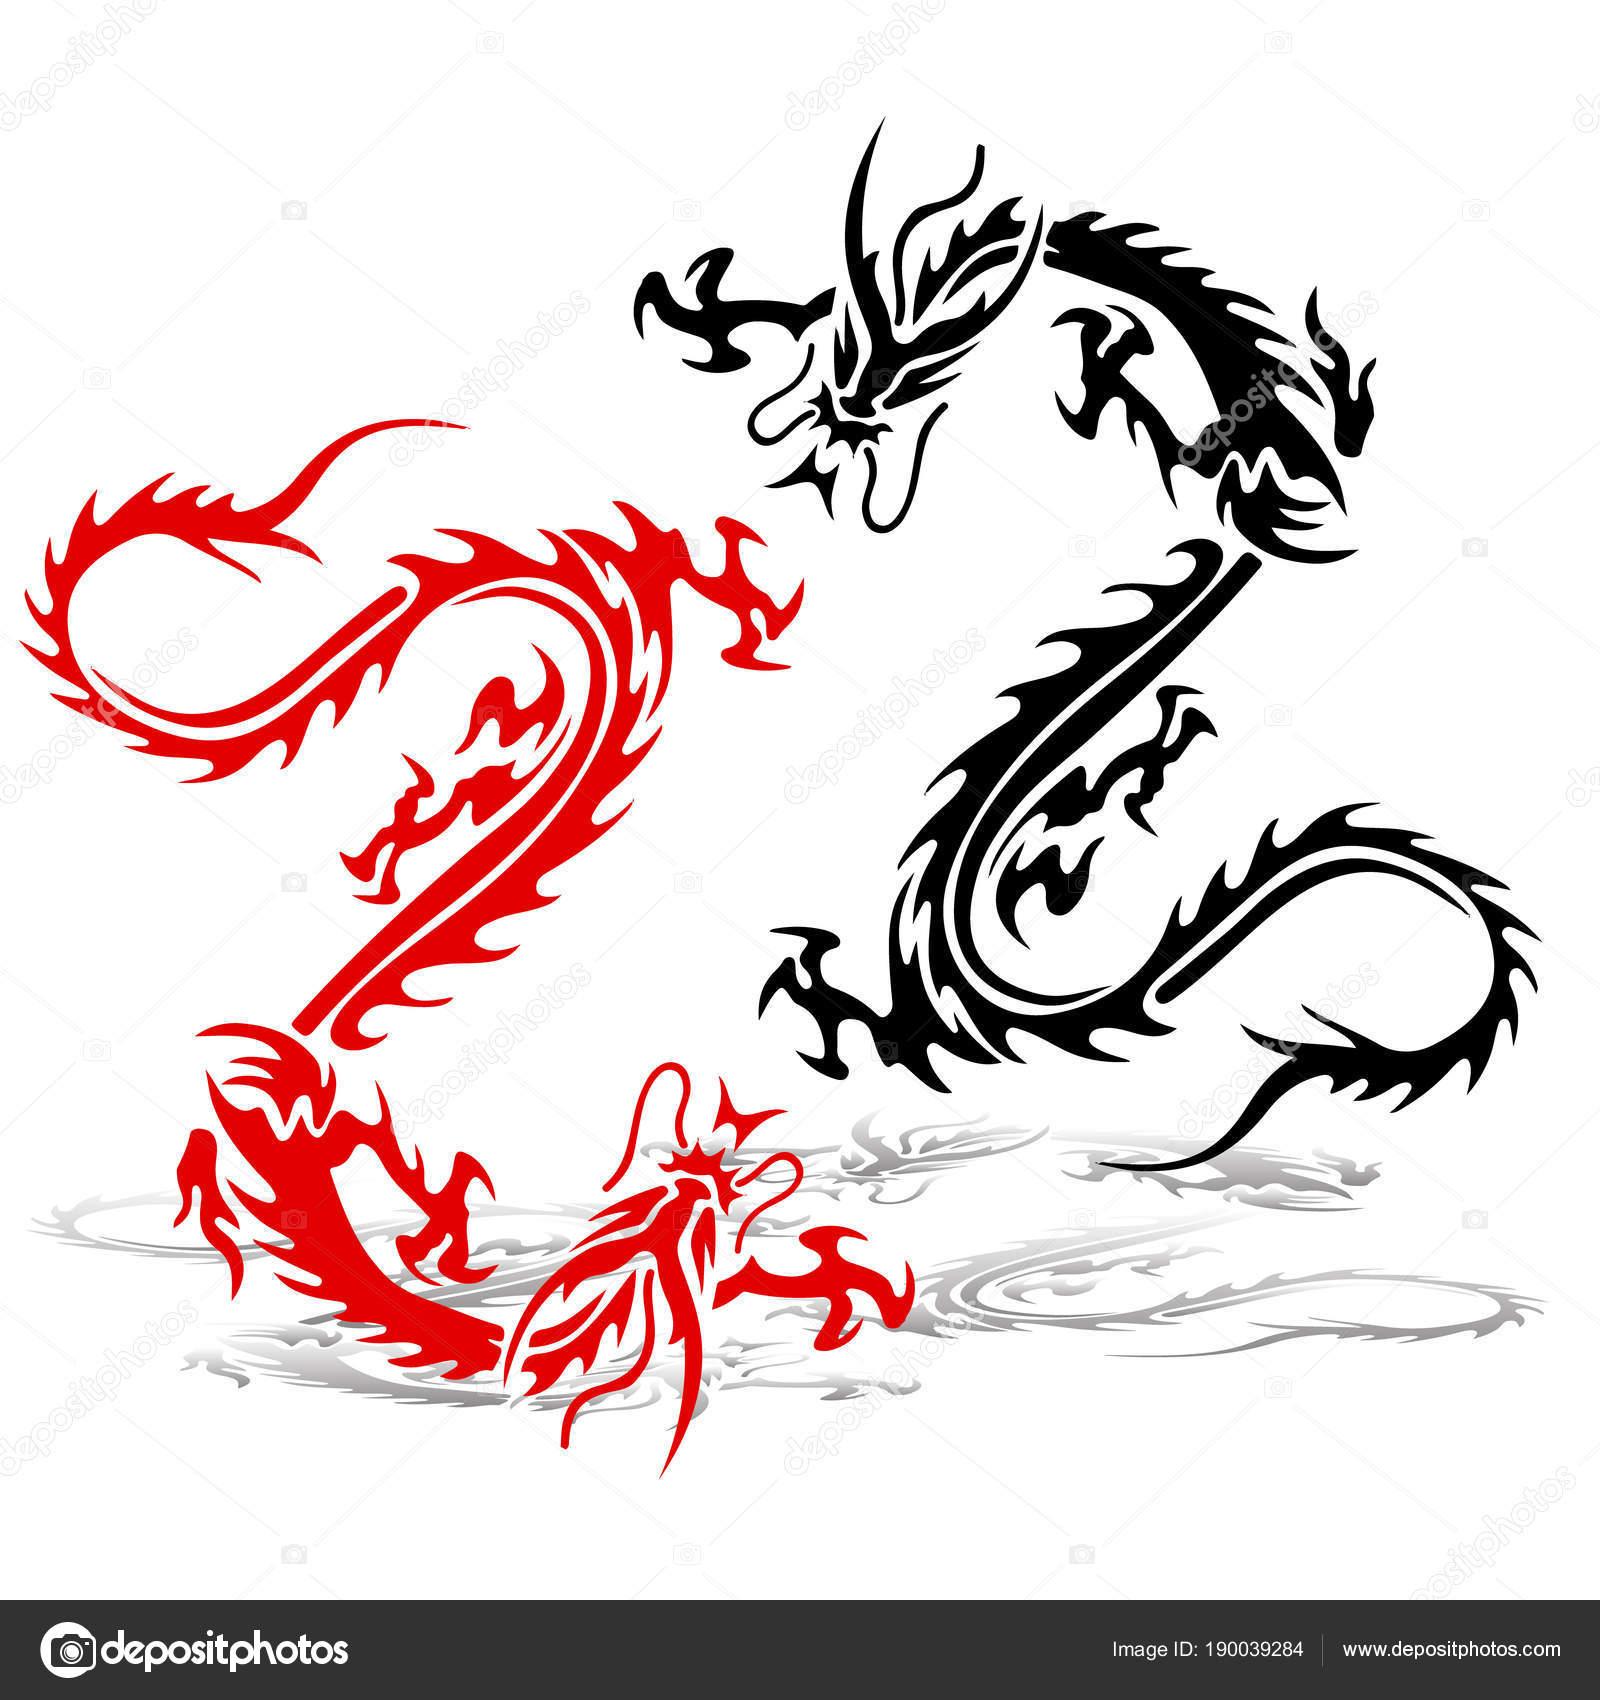 Dos Silueta De Un Dragón Rojo Y Negro En Una Pelea Tatuaje En